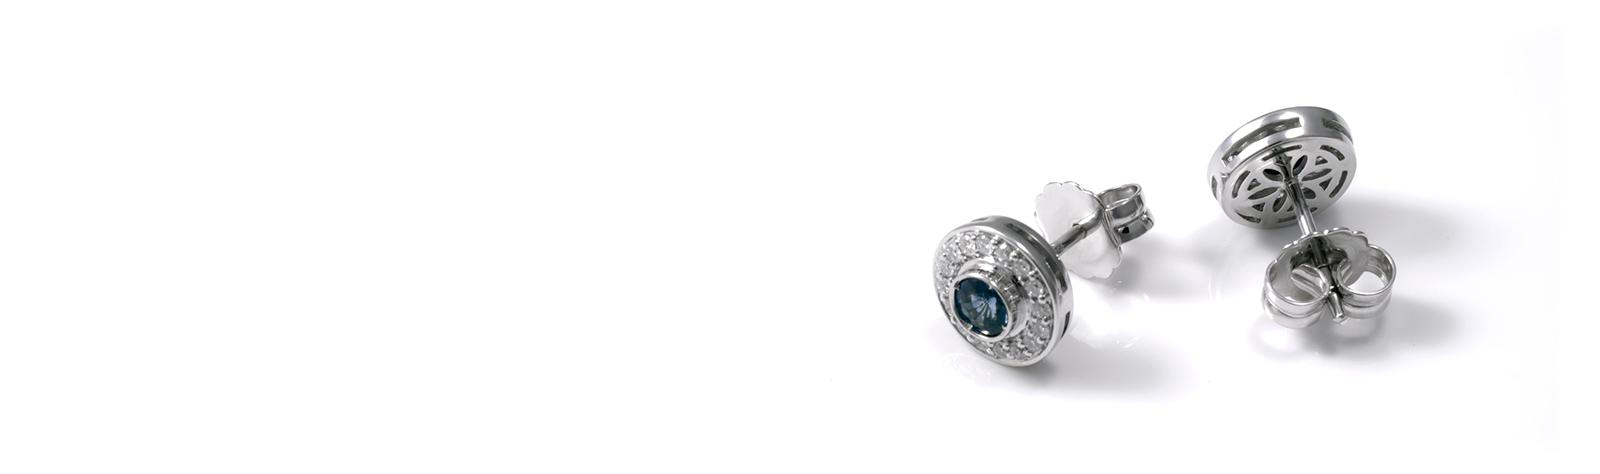 Compra Online Pendientes de Oro y Diamantes